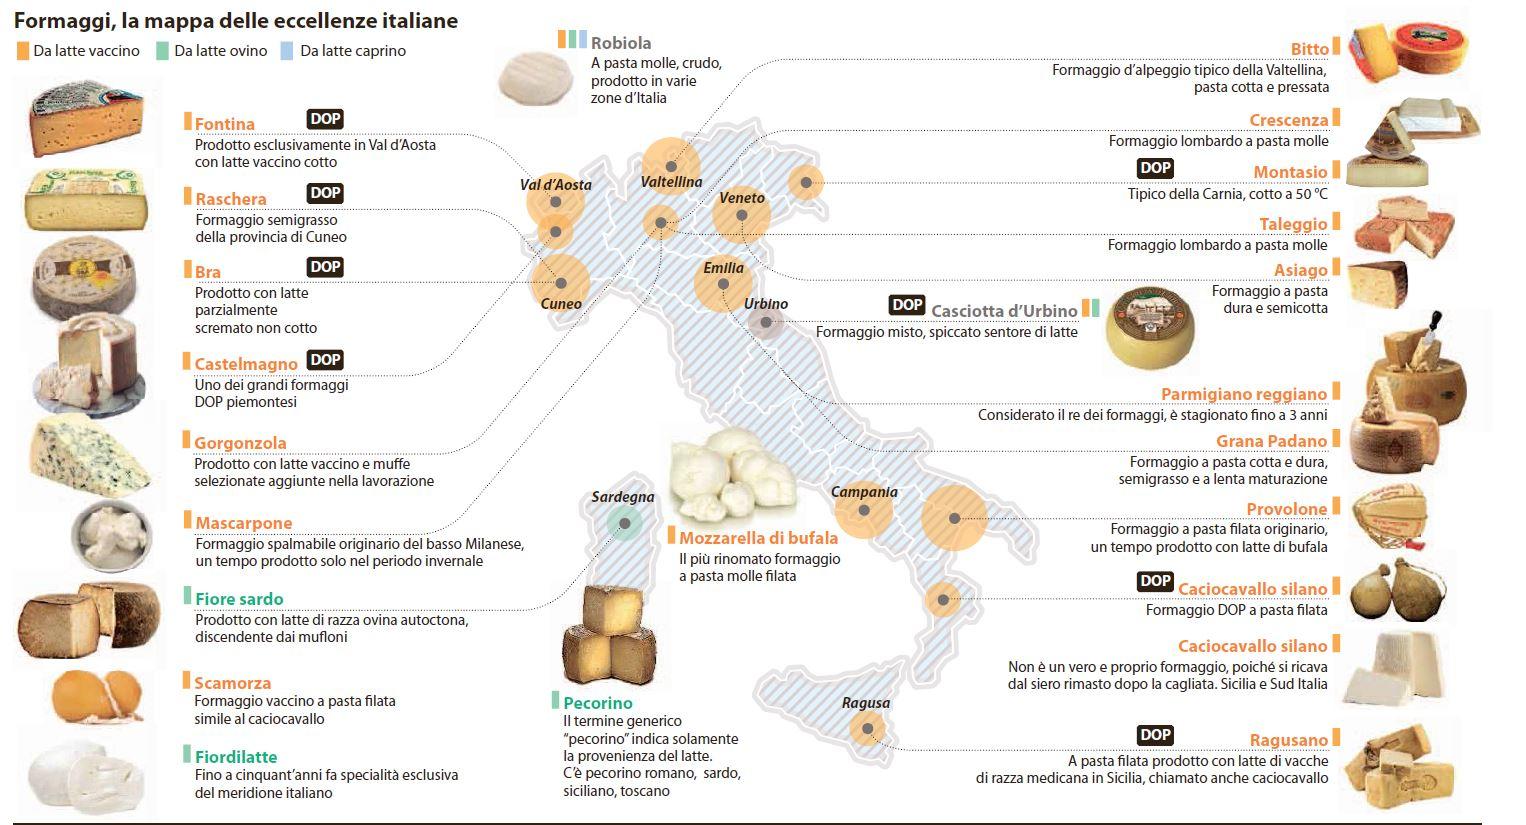 Le eccellenze casearie italiane, secondo la Coldiretti la qualità della Dop ora è a rischio (fonte: La Repubblica)